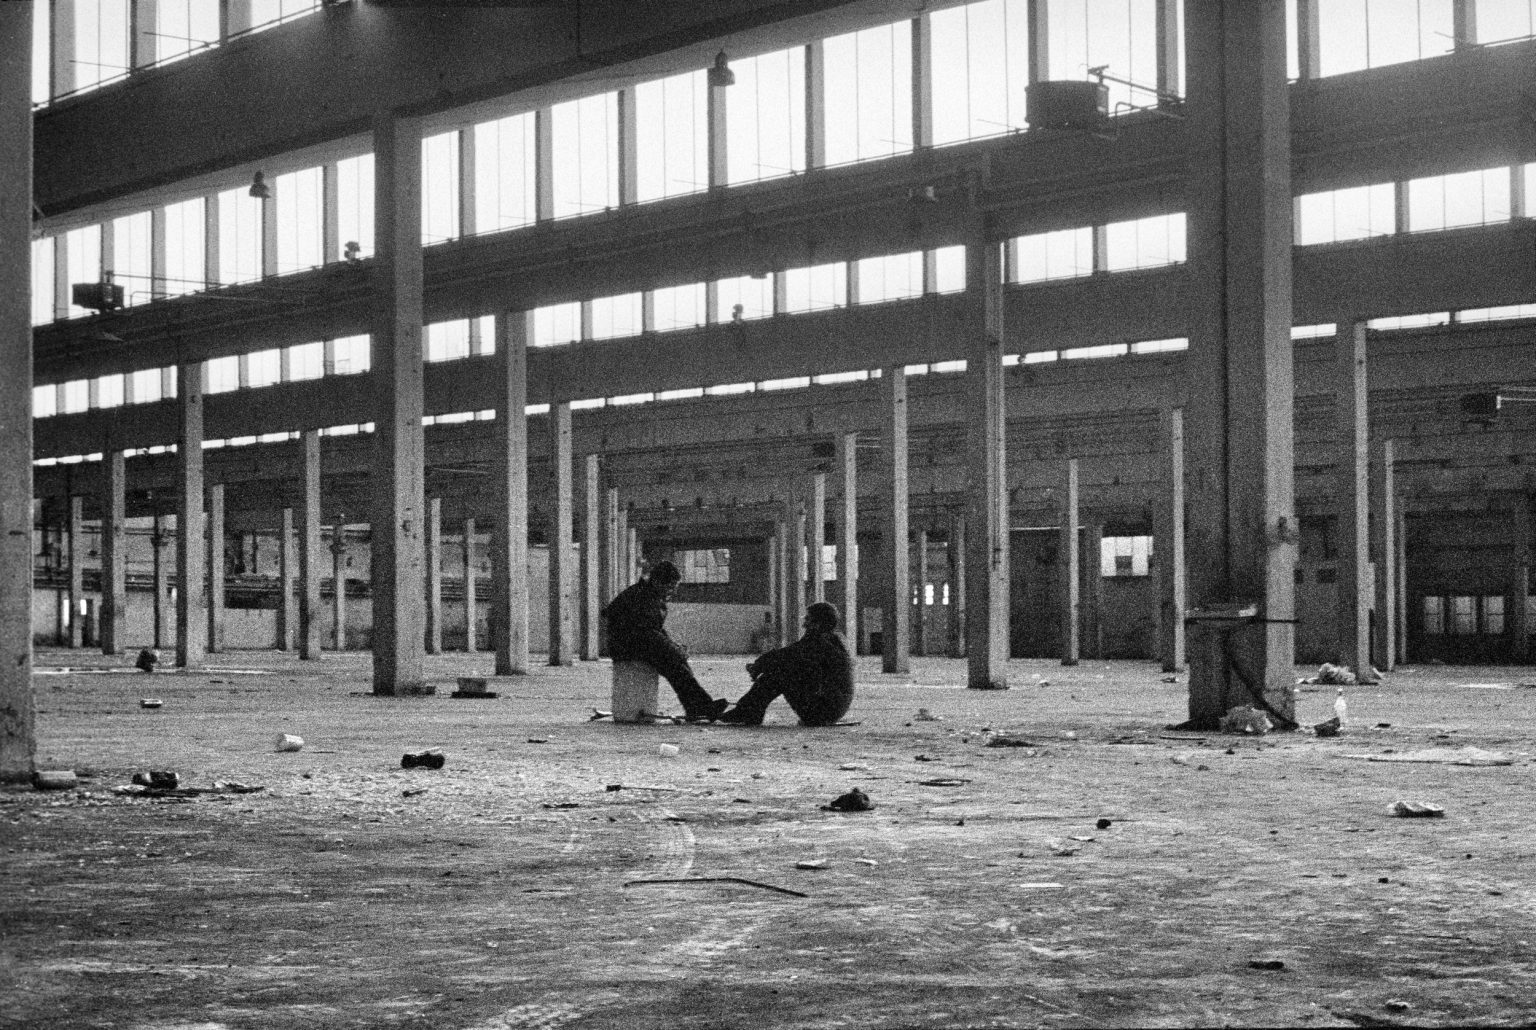 Bologna, 1998 - Sunday afternoon in the abandoned Pasta factory in Via Corticella. >< Bologna, 1998 - Domenica pomeriggio in una fabbrica abbandonata di un pastificio in Via Corticella.